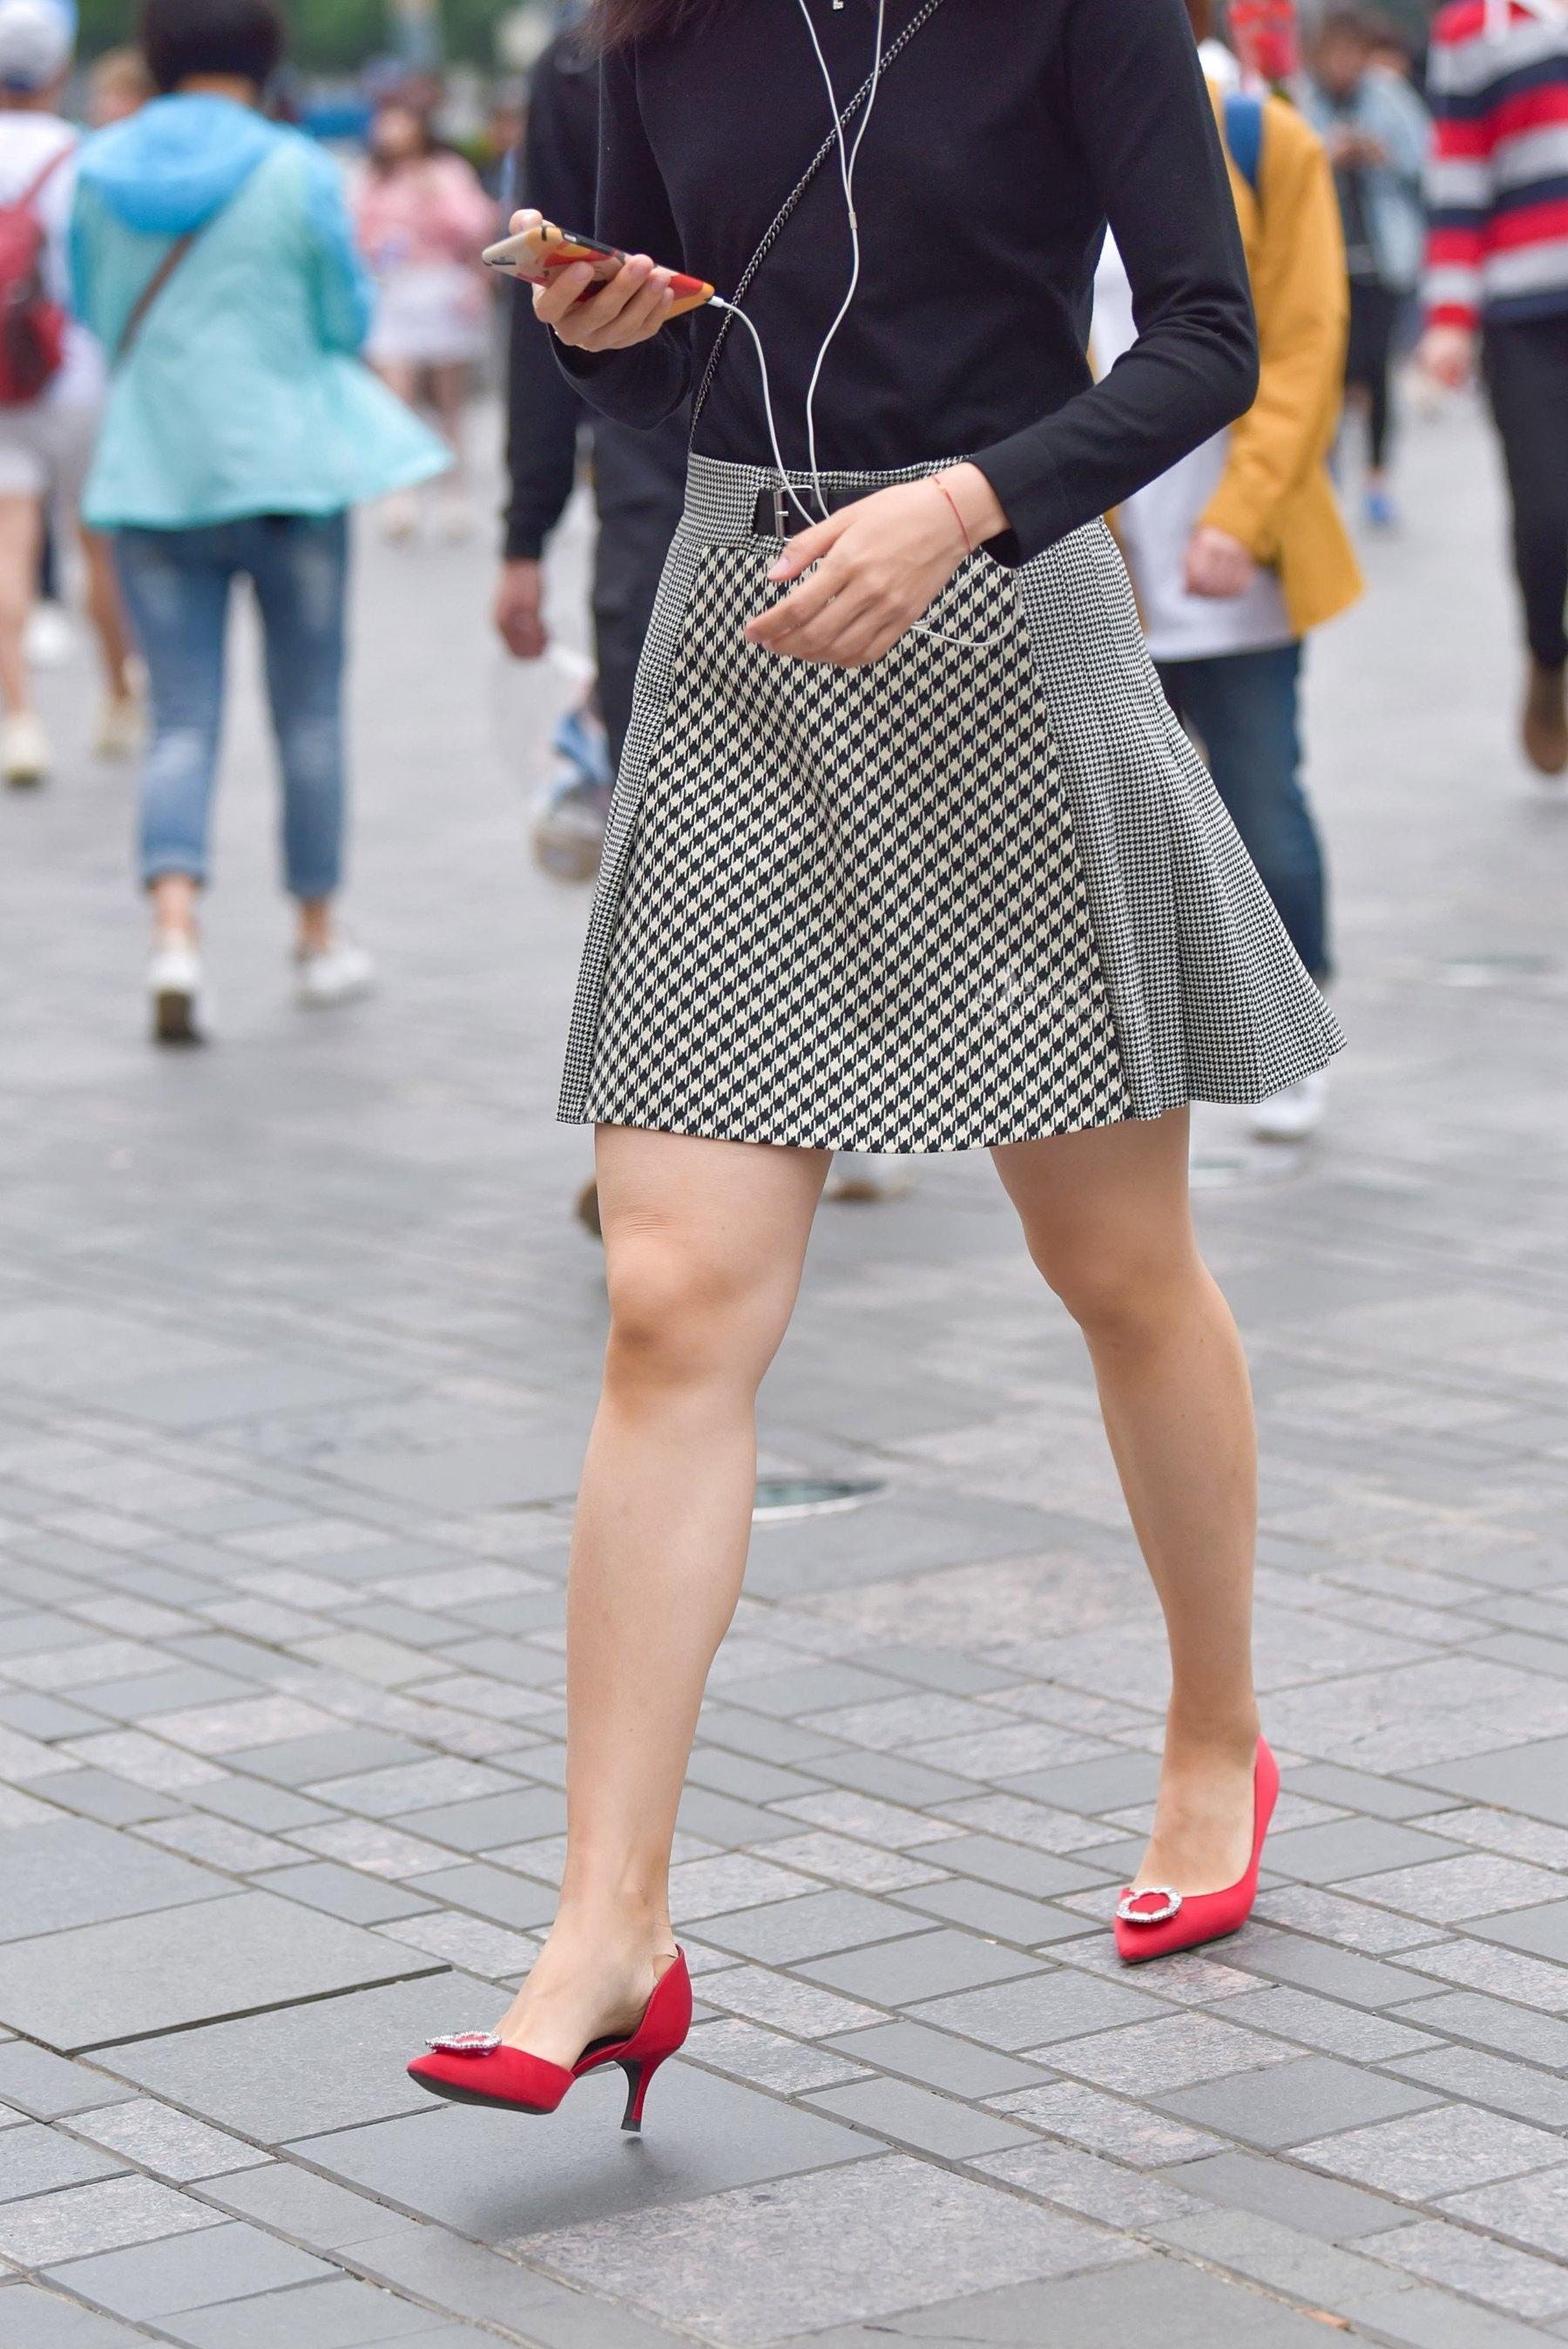 街拍高跟 丝袜 高跟Shao Fu 最新街拍丝袜图片 街拍丝袜第一站